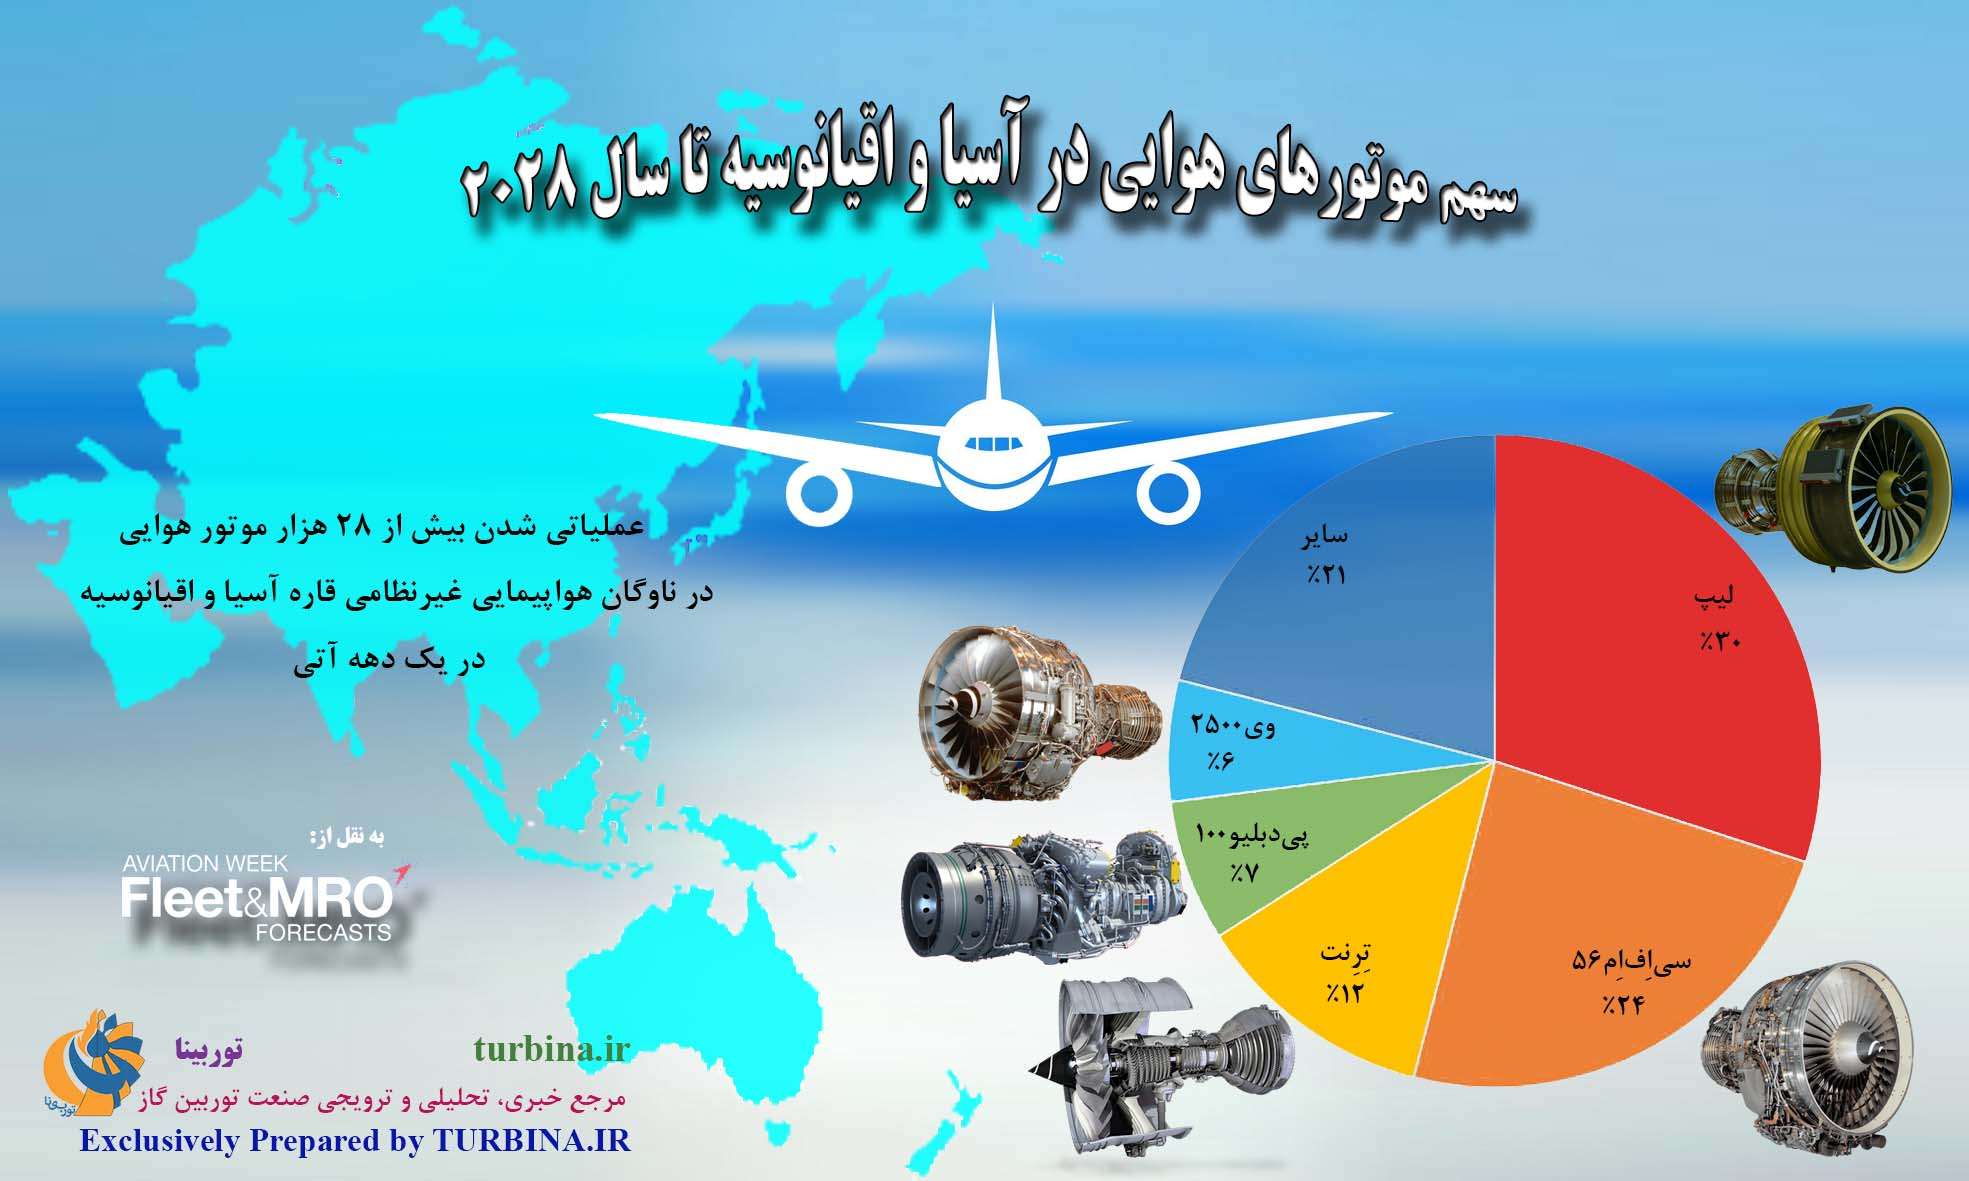 سهم موتورهای هوایی در آسیا - اقیانوسیه تا سال 2028